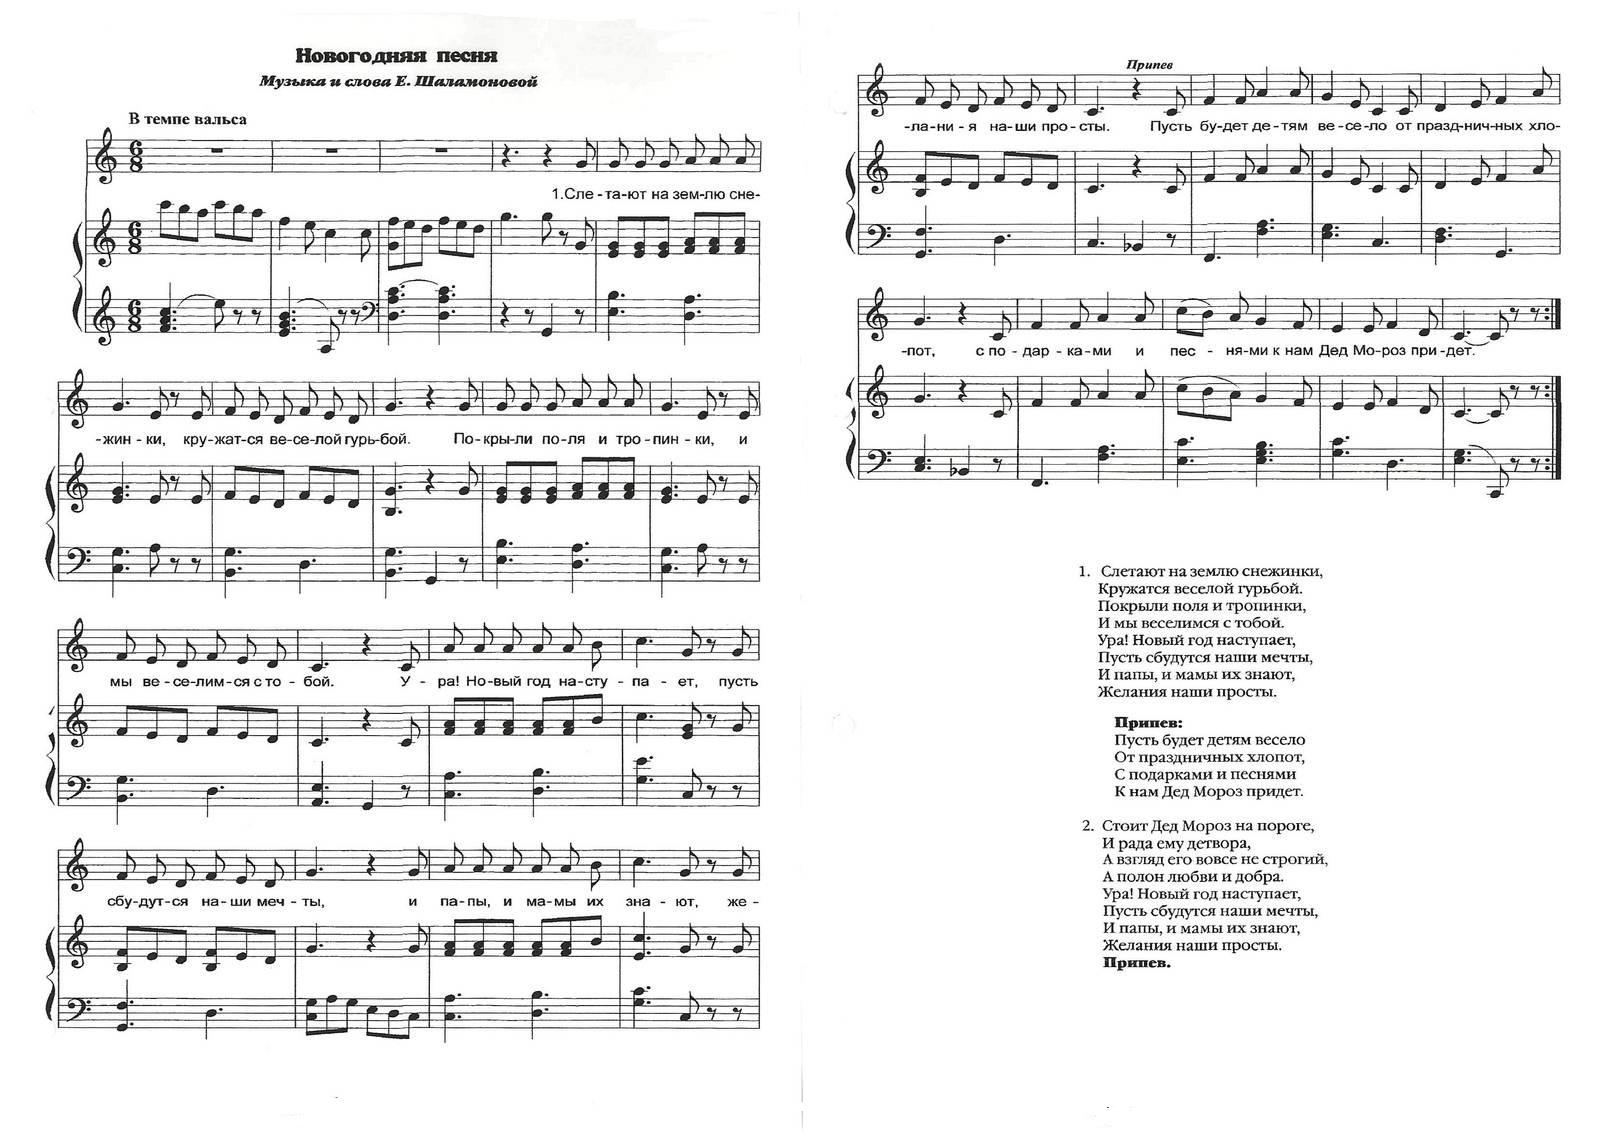 ДЕТСКИЕ НОВОГОДНИЕ ПЕСНИ МИНУСОВКИ И ПЛЮСОВКИ СКАЧАТЬ БЕСПЛАТНО